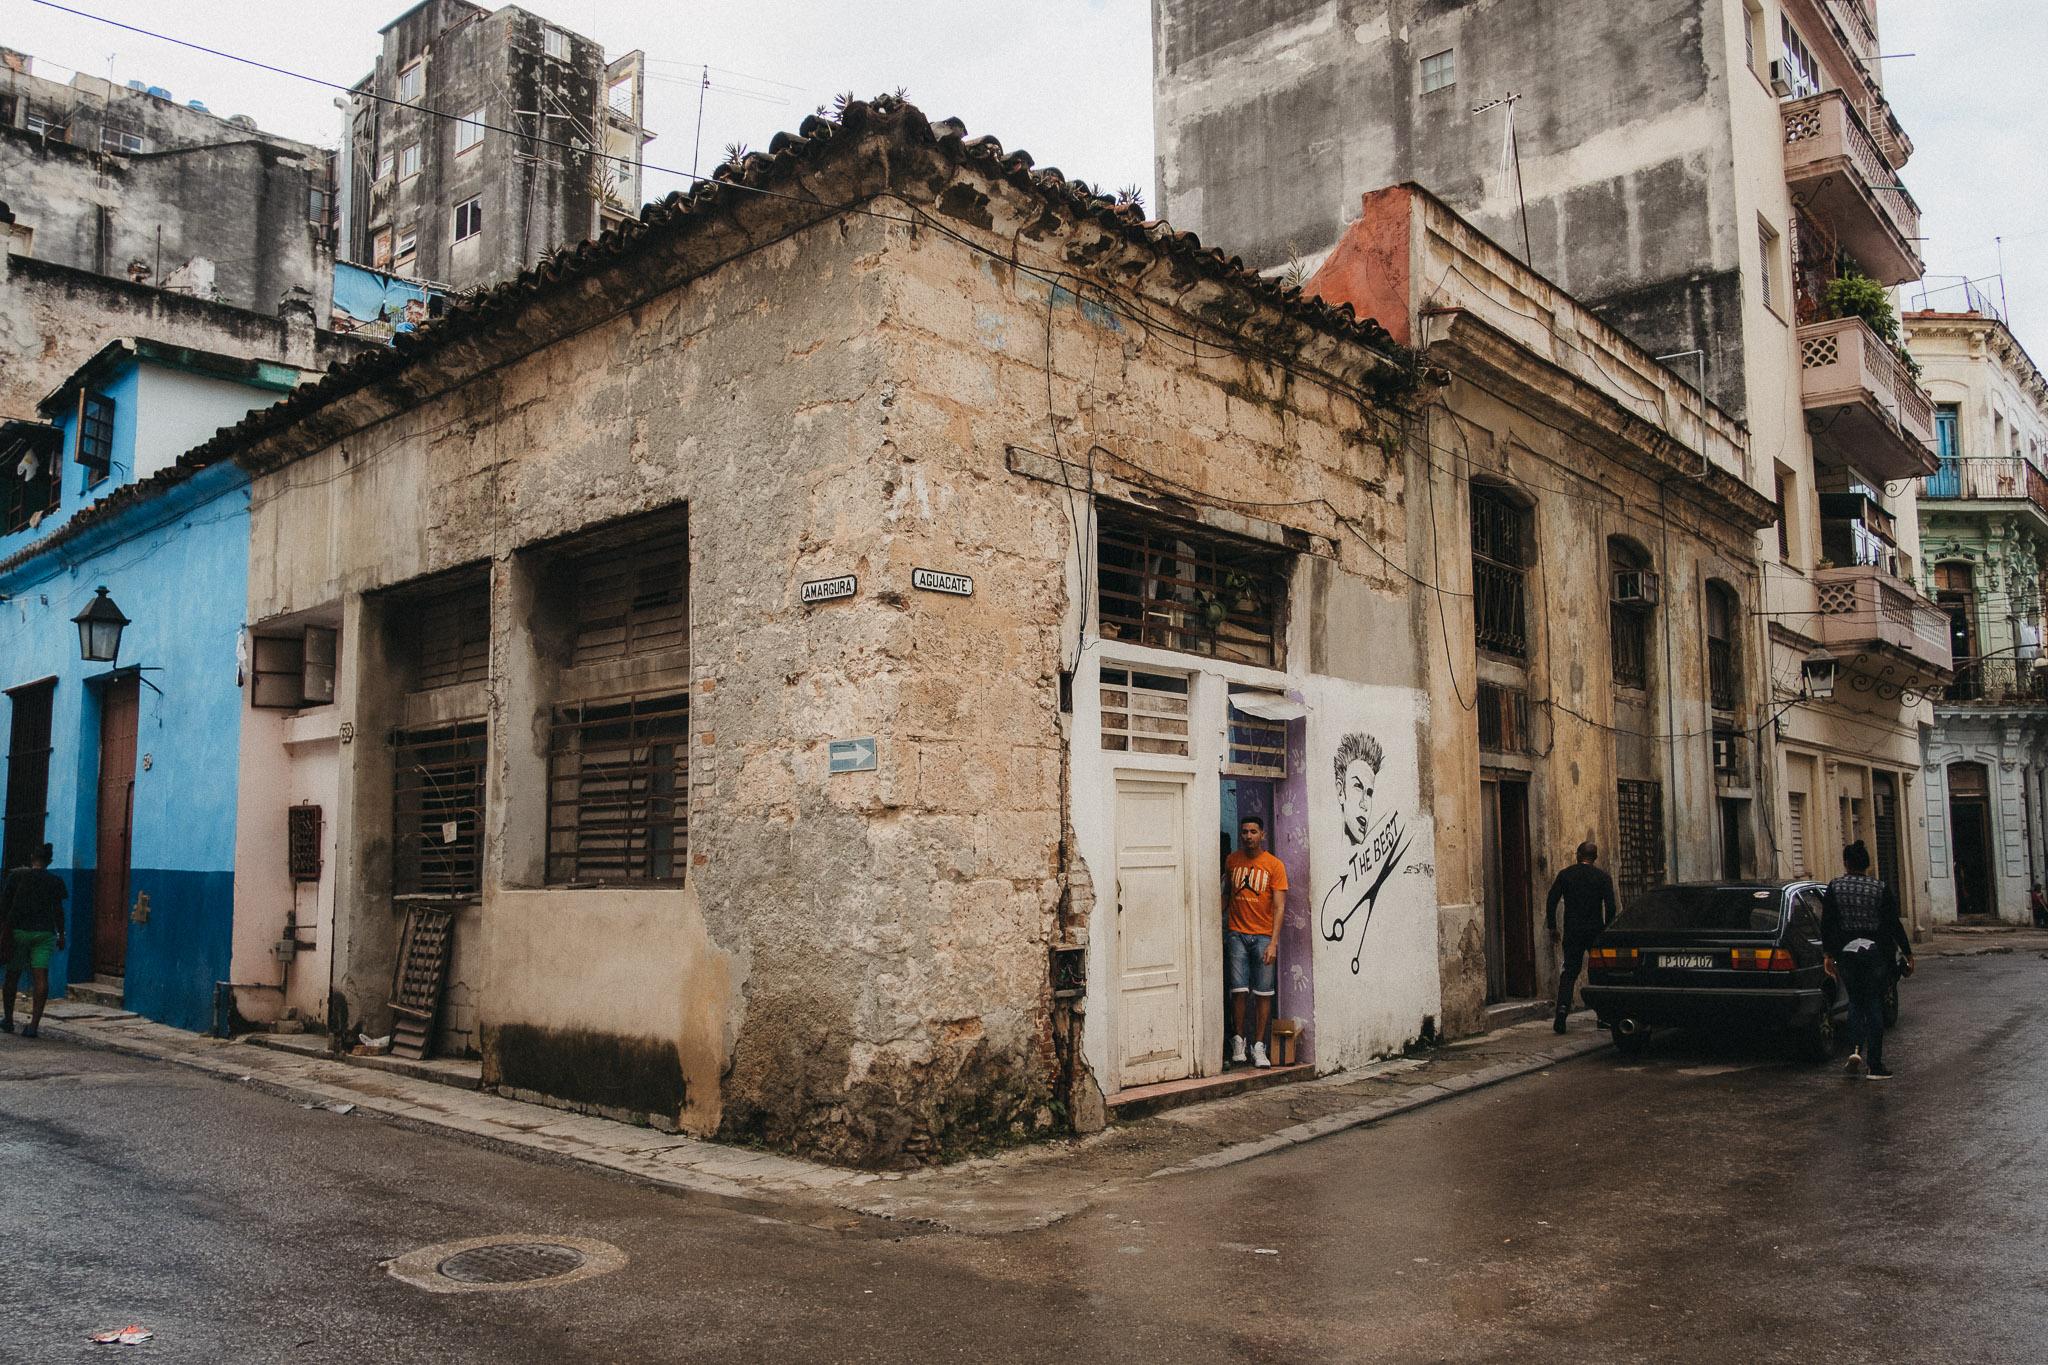 Cuba-2017-12-Havana-0157.jpg